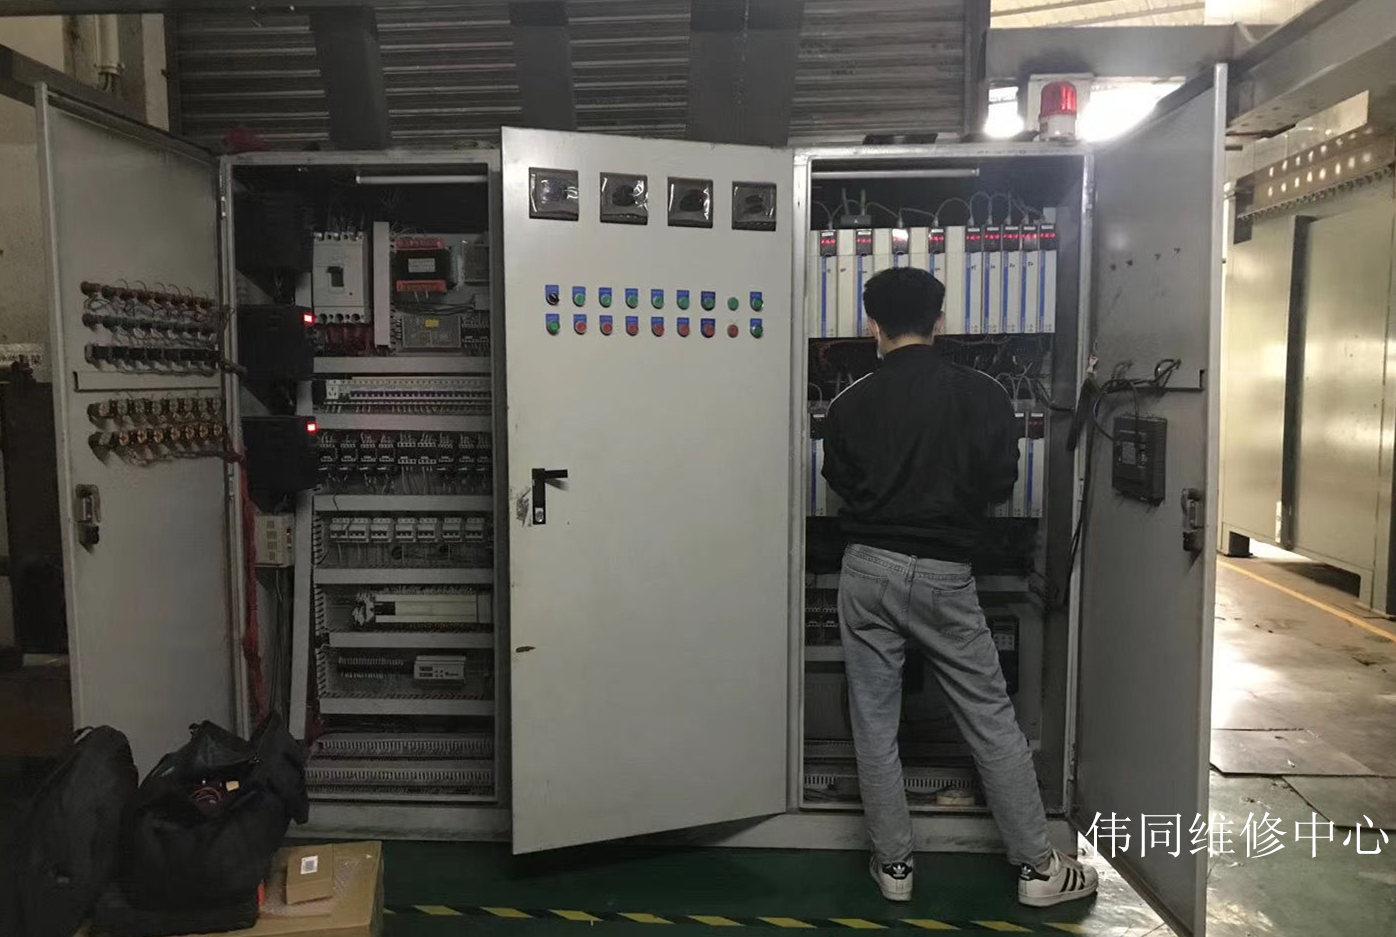 獅山通用(GE)變頻器維修中心